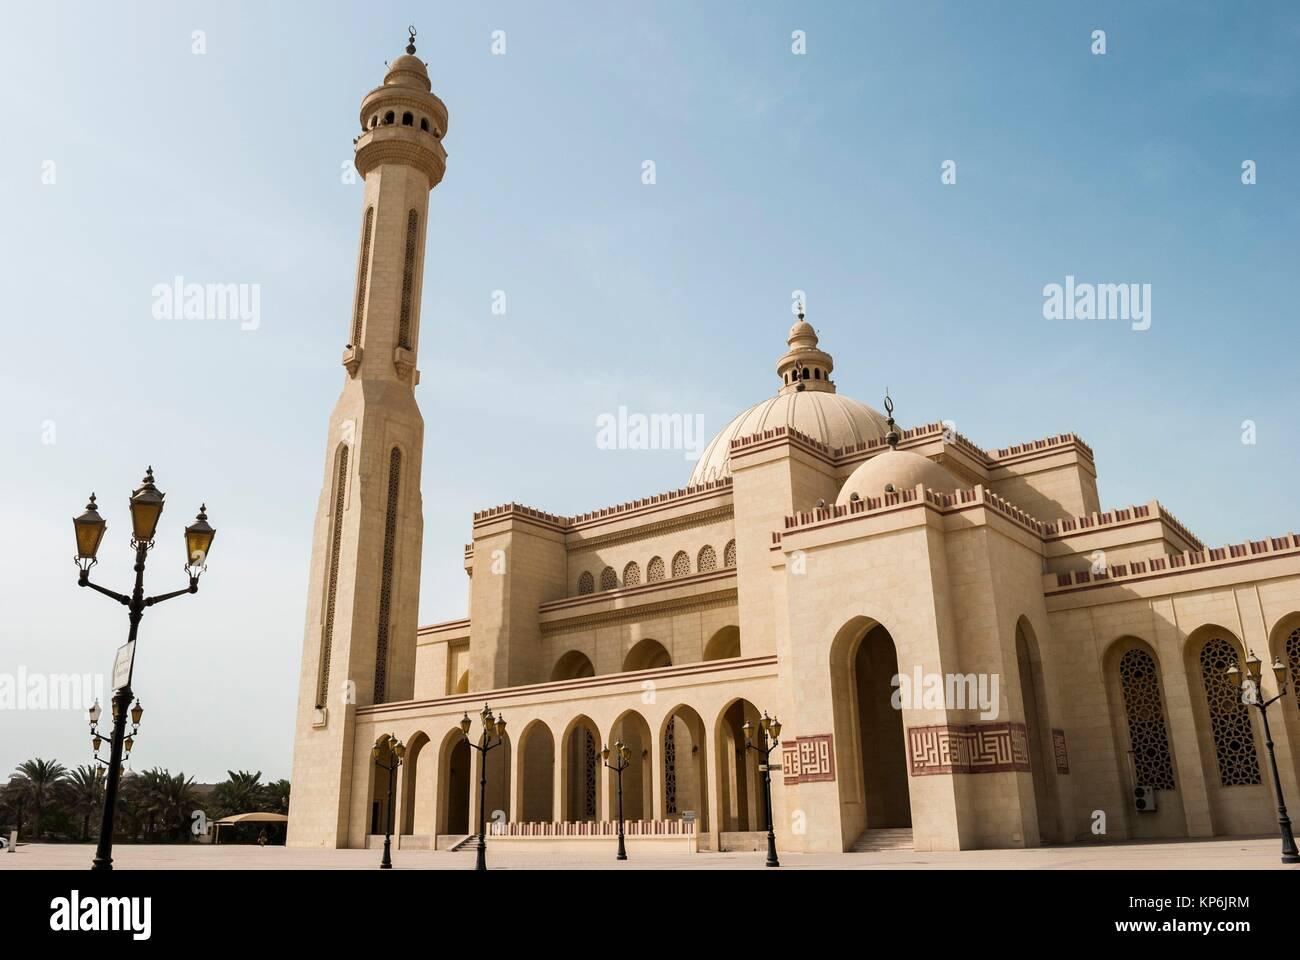 La Gran Mezquita Al Fateh, Manama, Bahrein, los Emiratos Árabes Unidos. Imagen De Stock